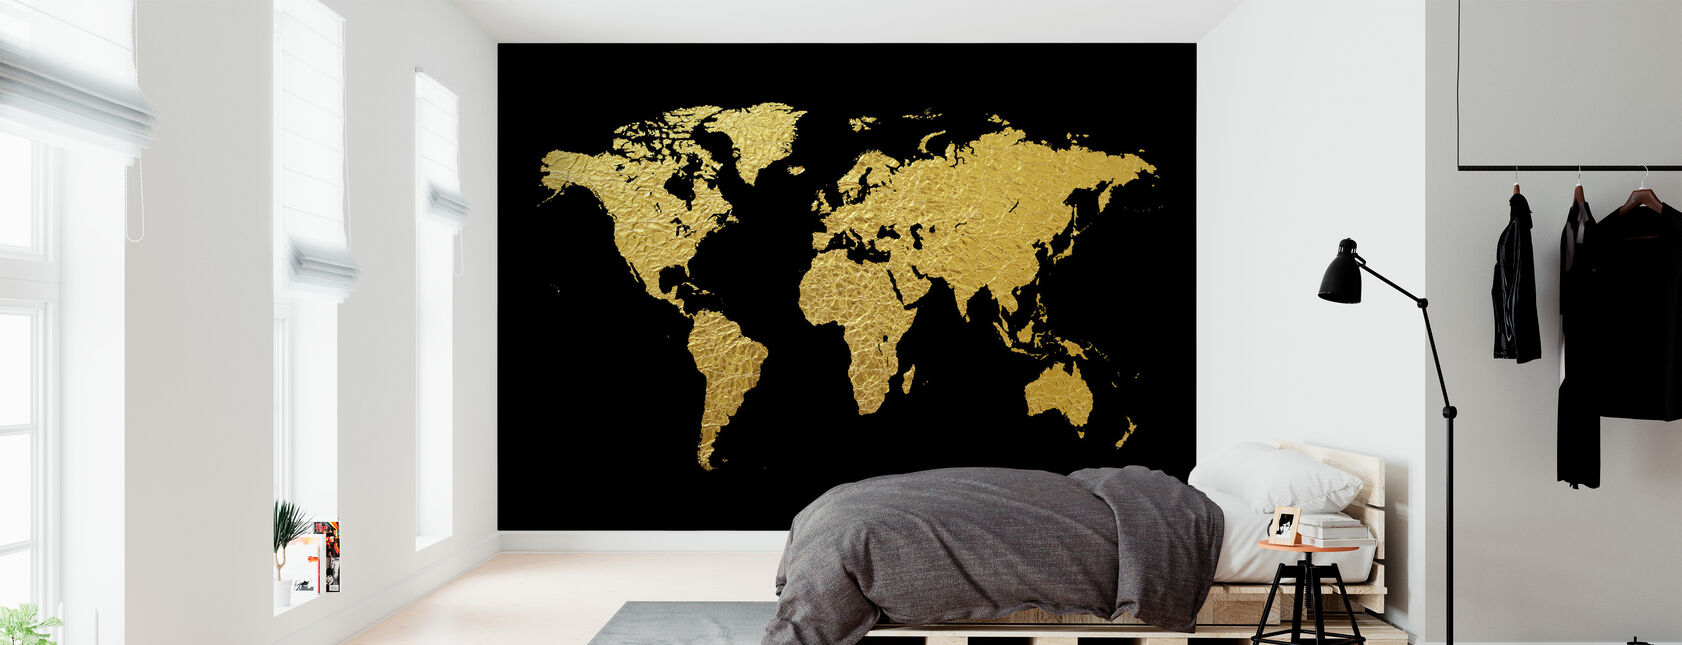 Kultainen maailmankartta mustalla taustalla - Tapetti - Makuuhuone